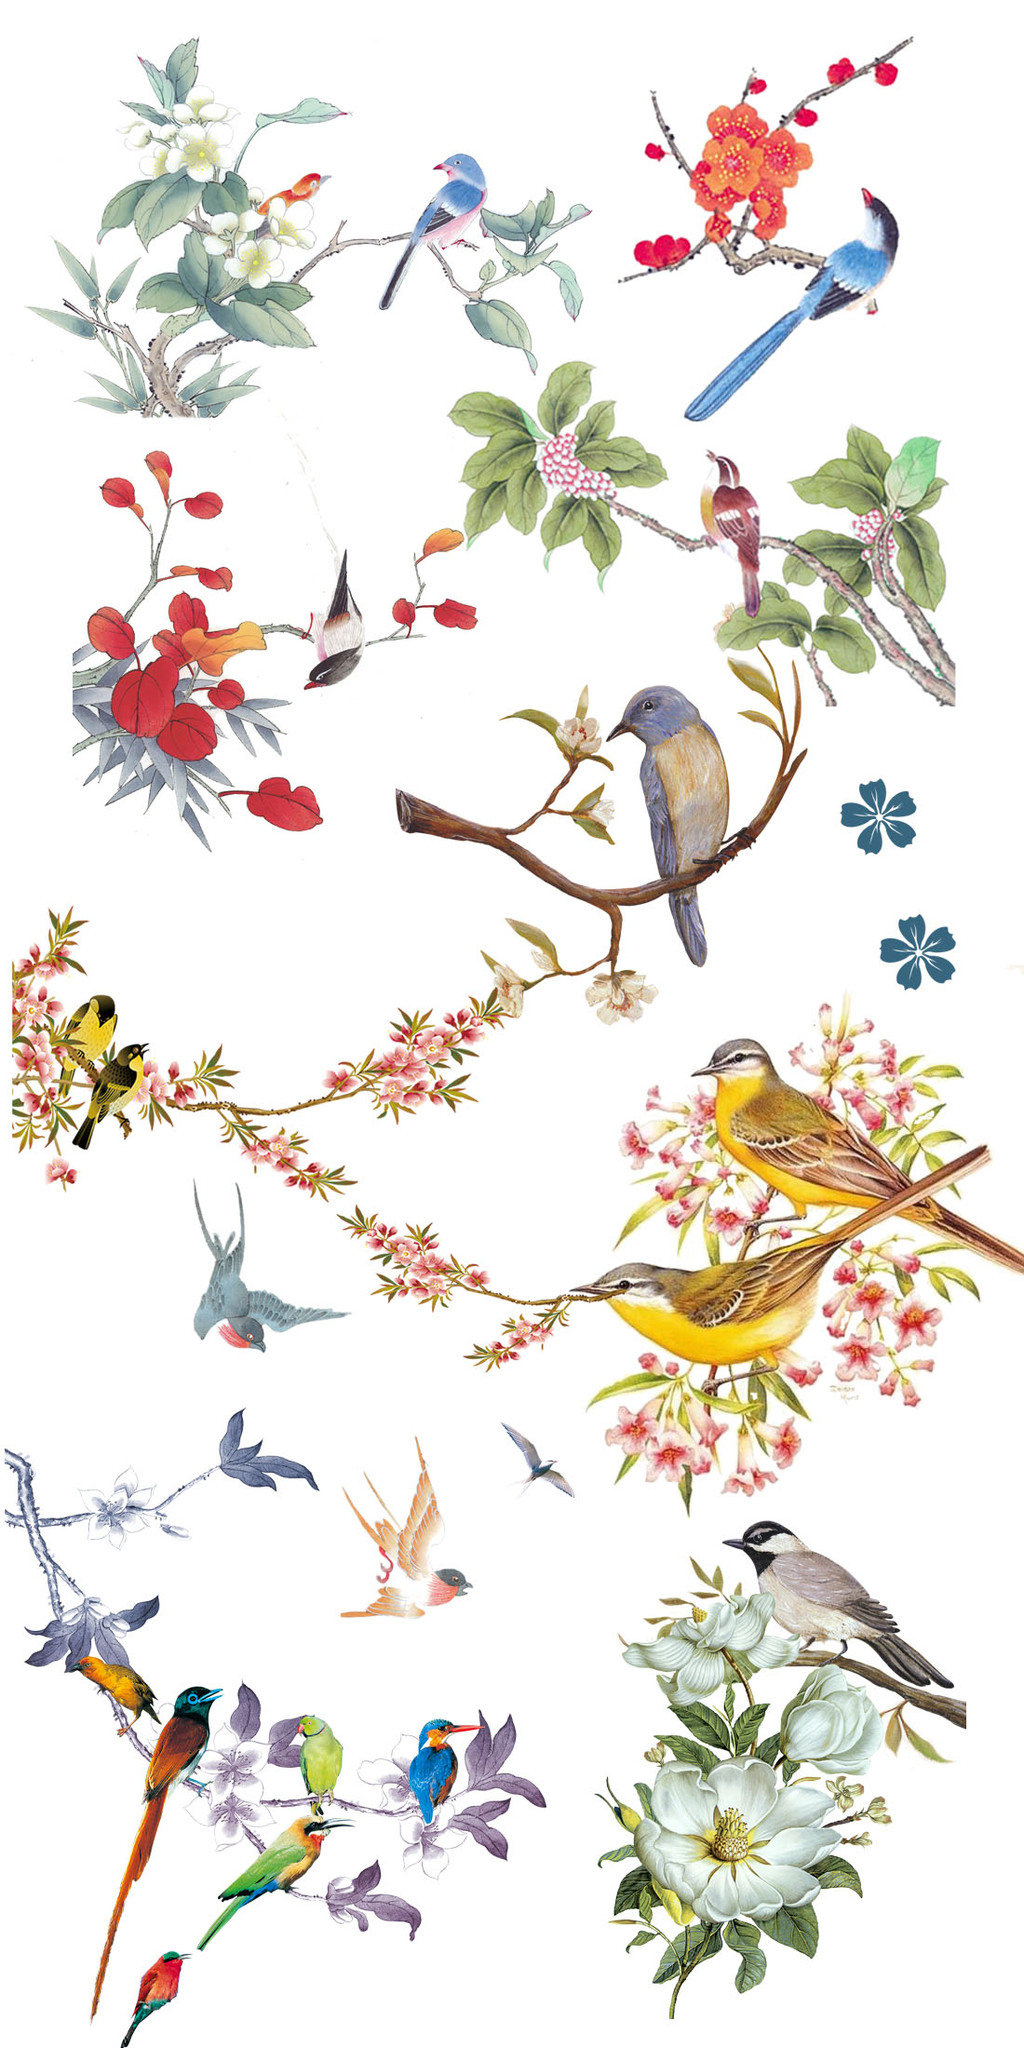 唯美清新手绘树枝花鸟淘宝素材